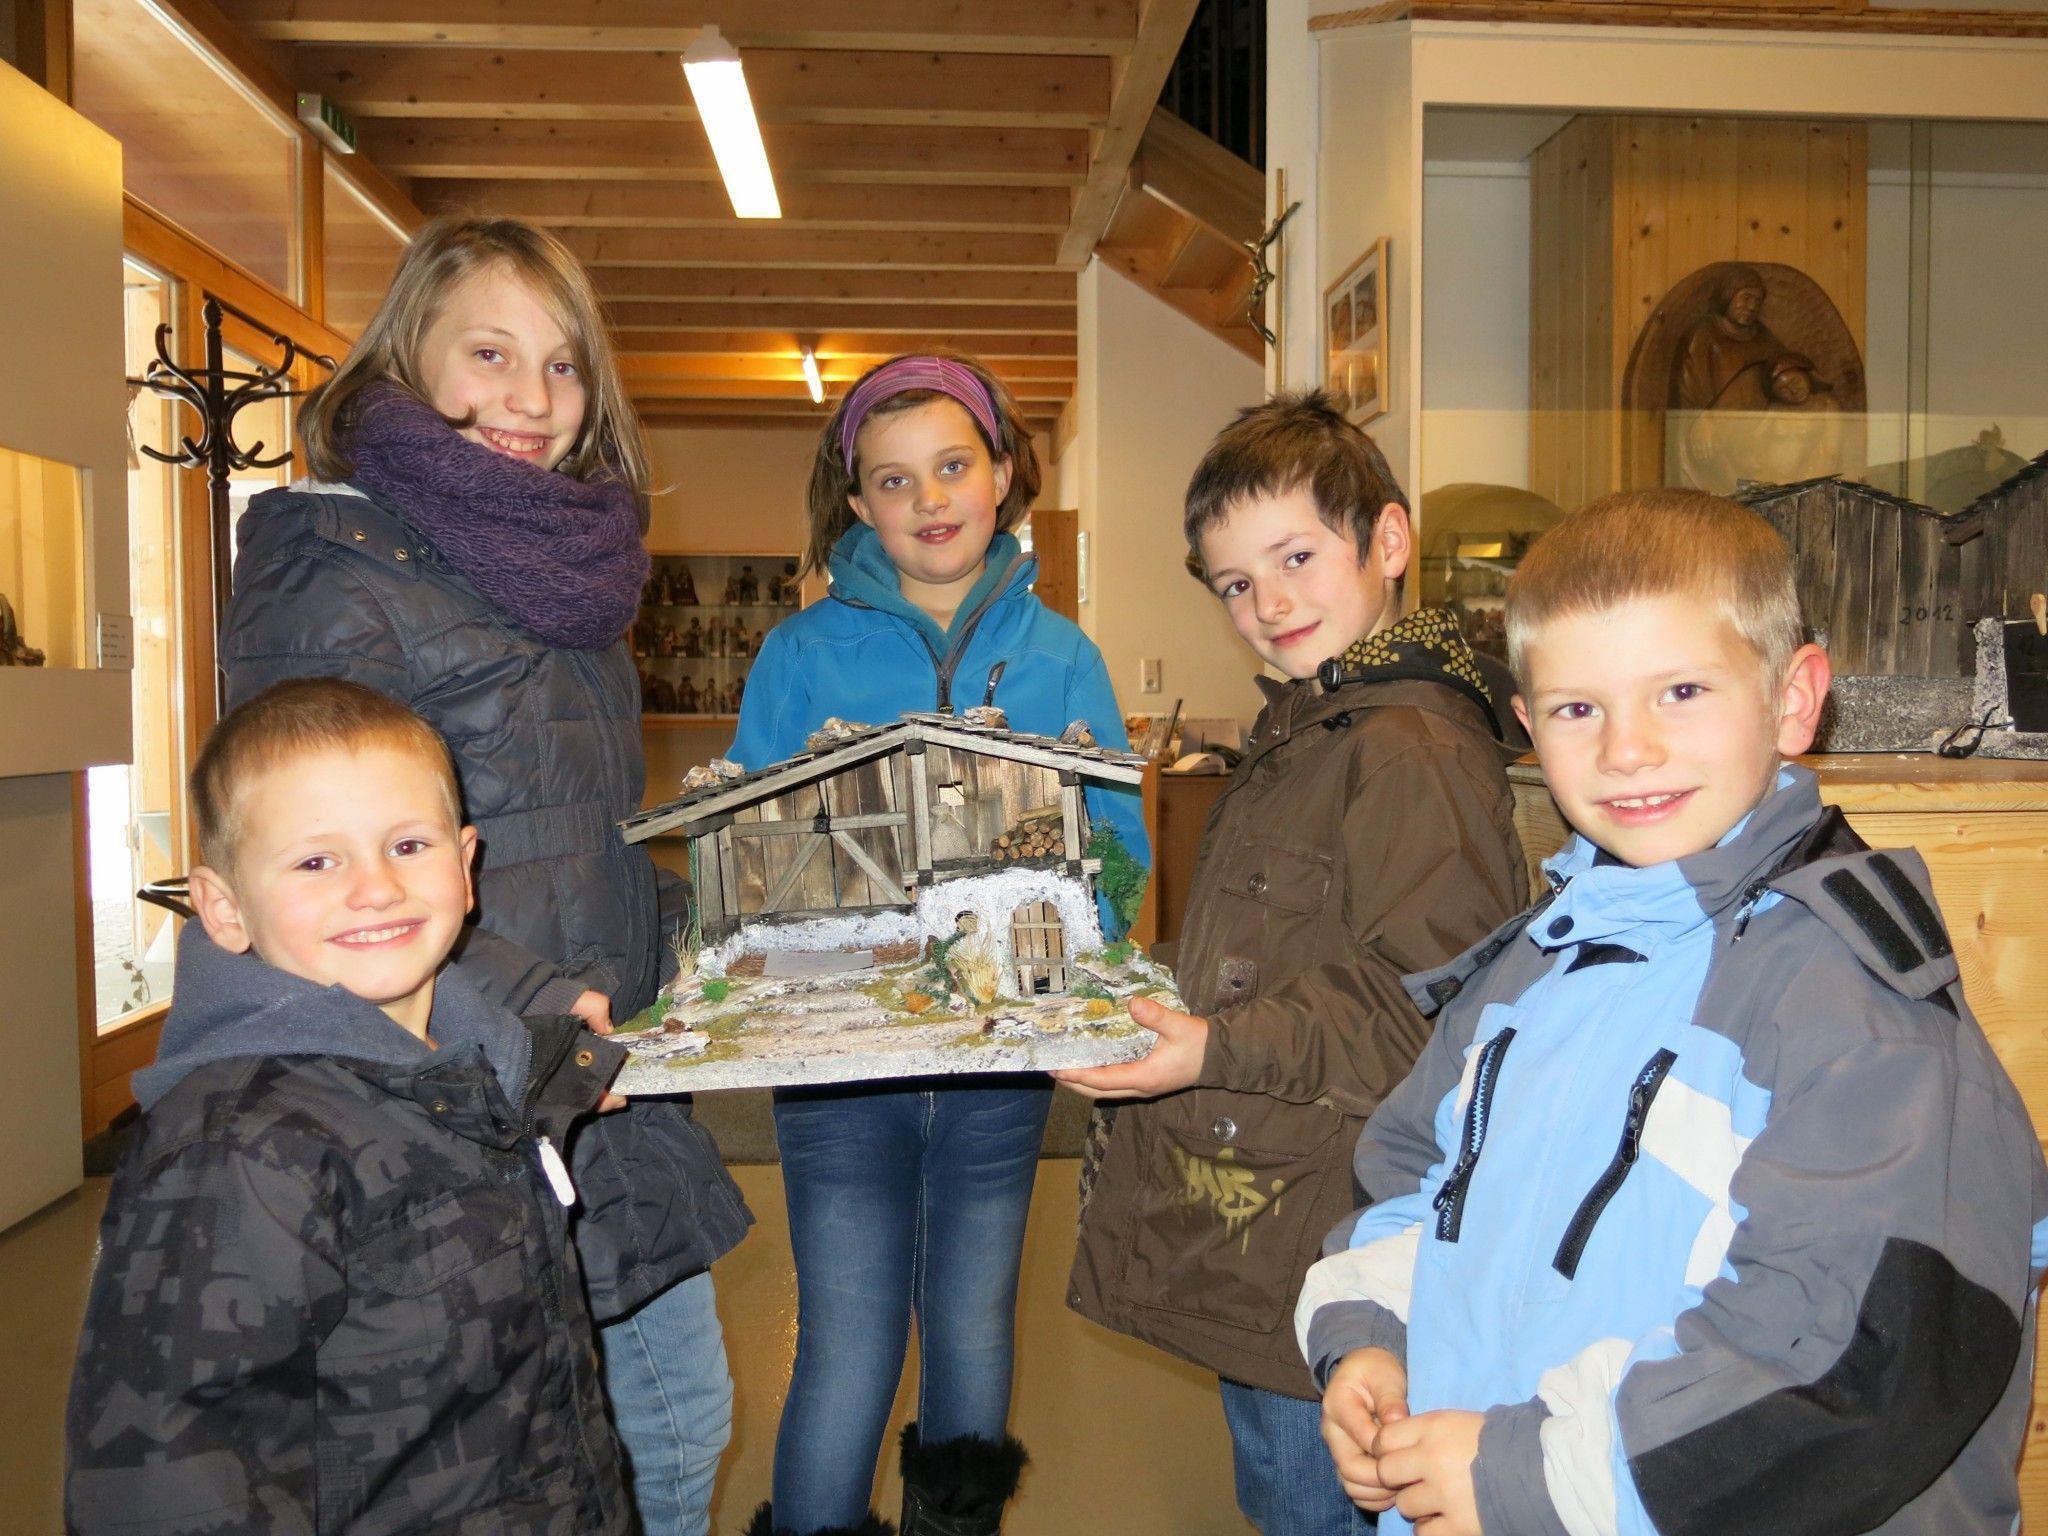 Julia Müller, Laura Fußenegger sowie Florian, Martin und Robert Rusch konnten als glückliche Gewinner die Krippen mit nach Hause nehmen.